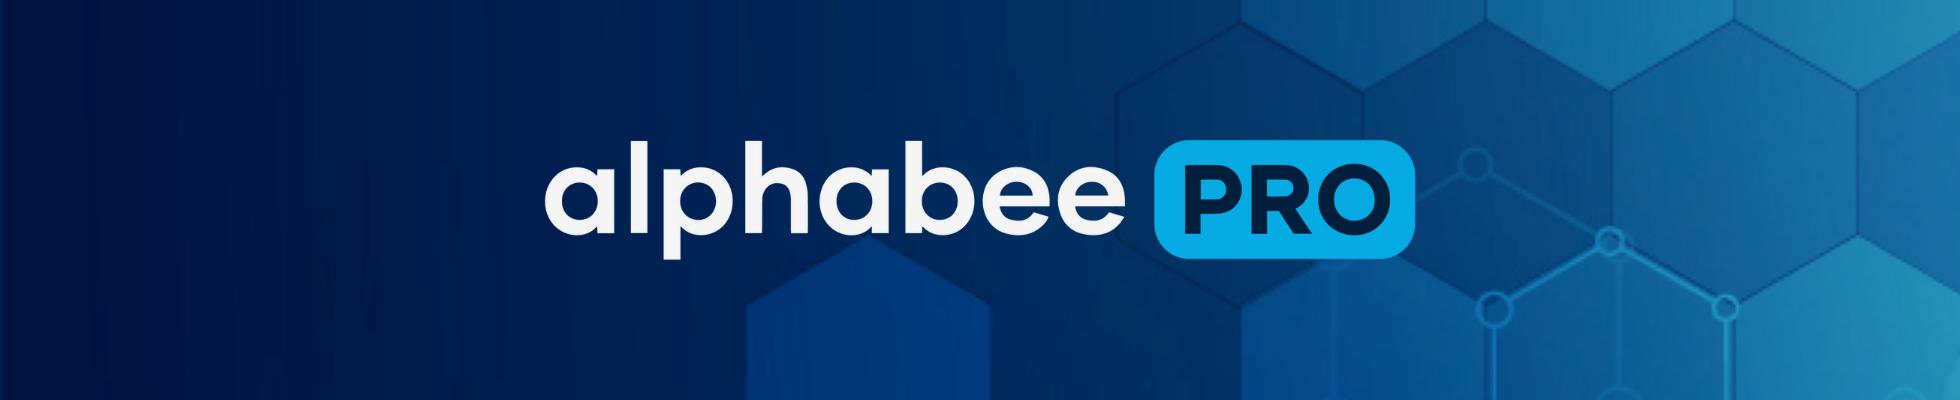 alphabeePRO Banner - blue hexagonal pattern